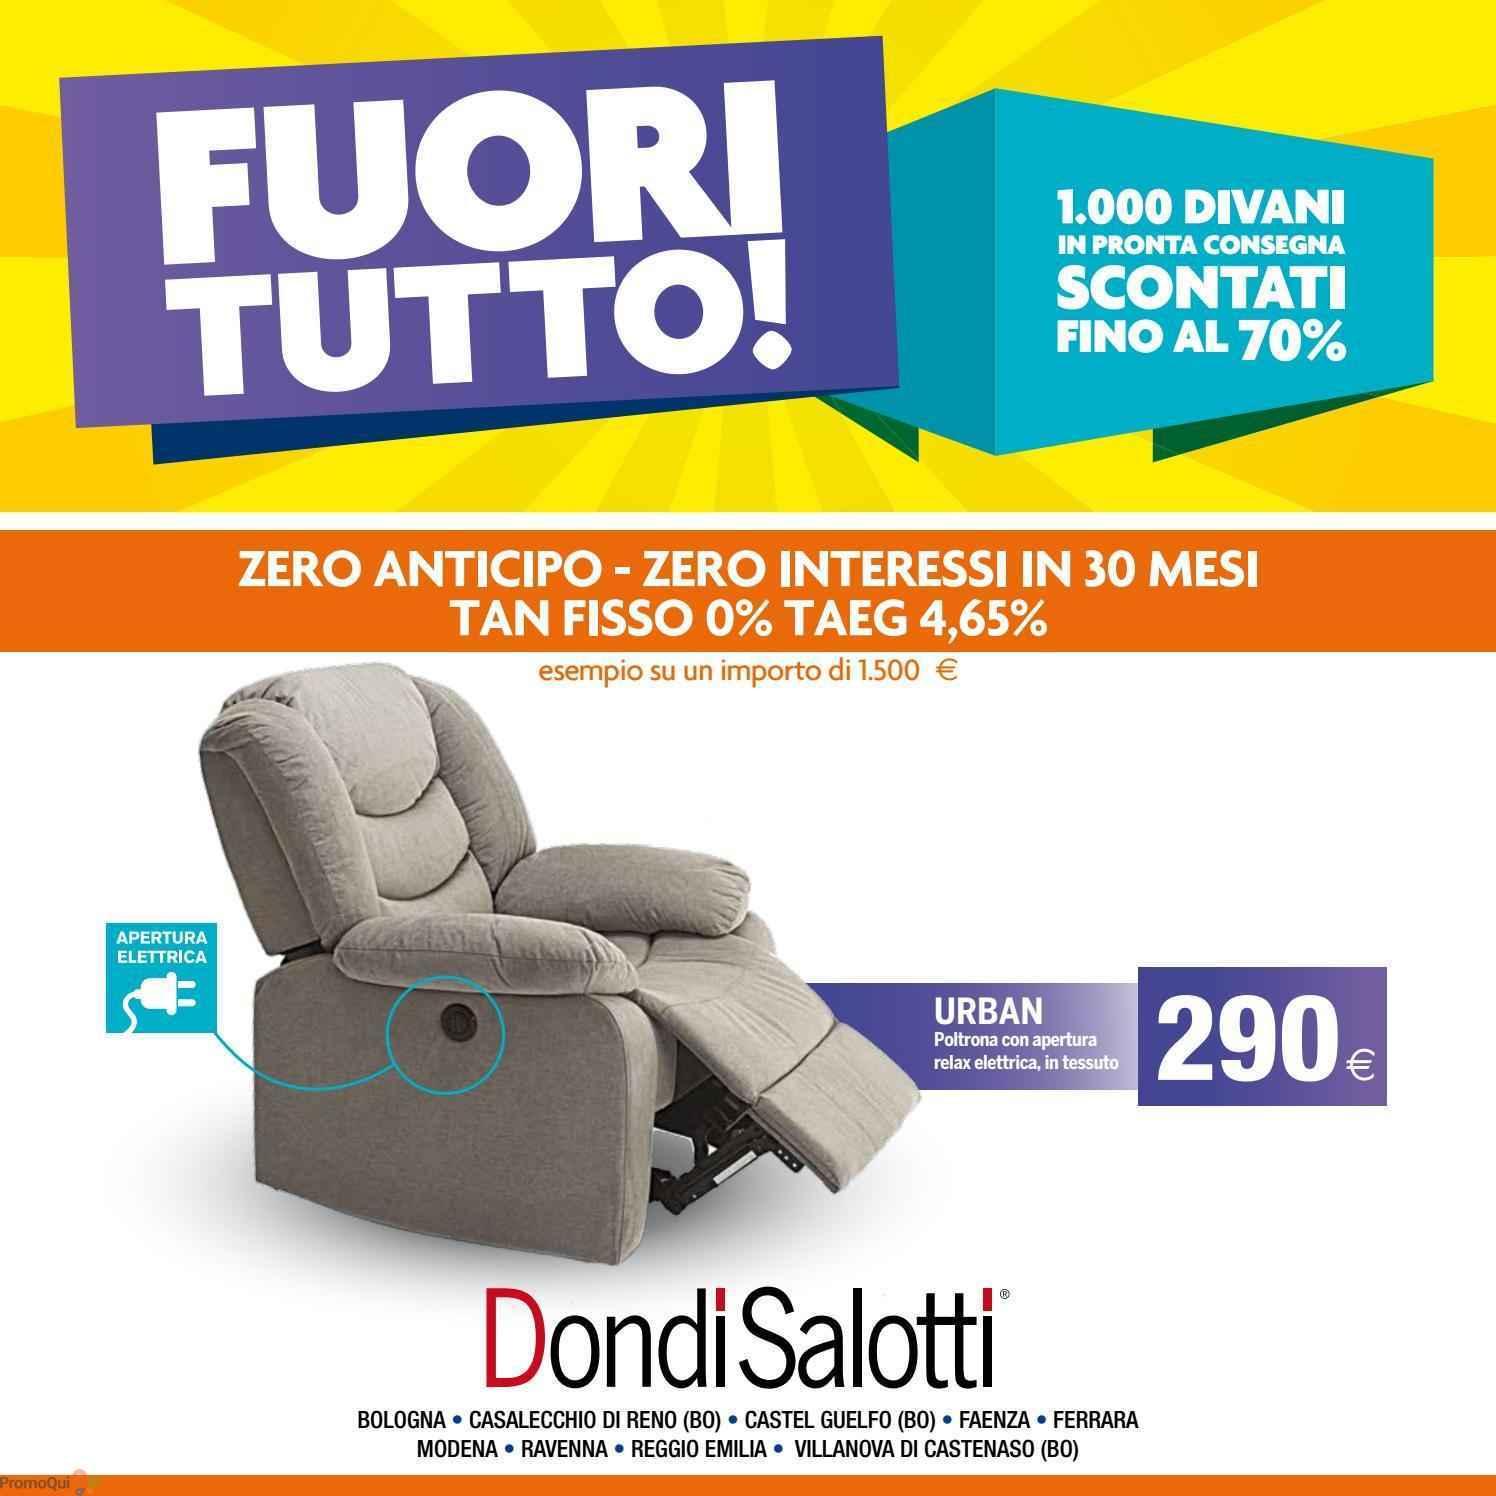 Volantino Dondi Salotti - Fuori tutto! - offerte Arredamento